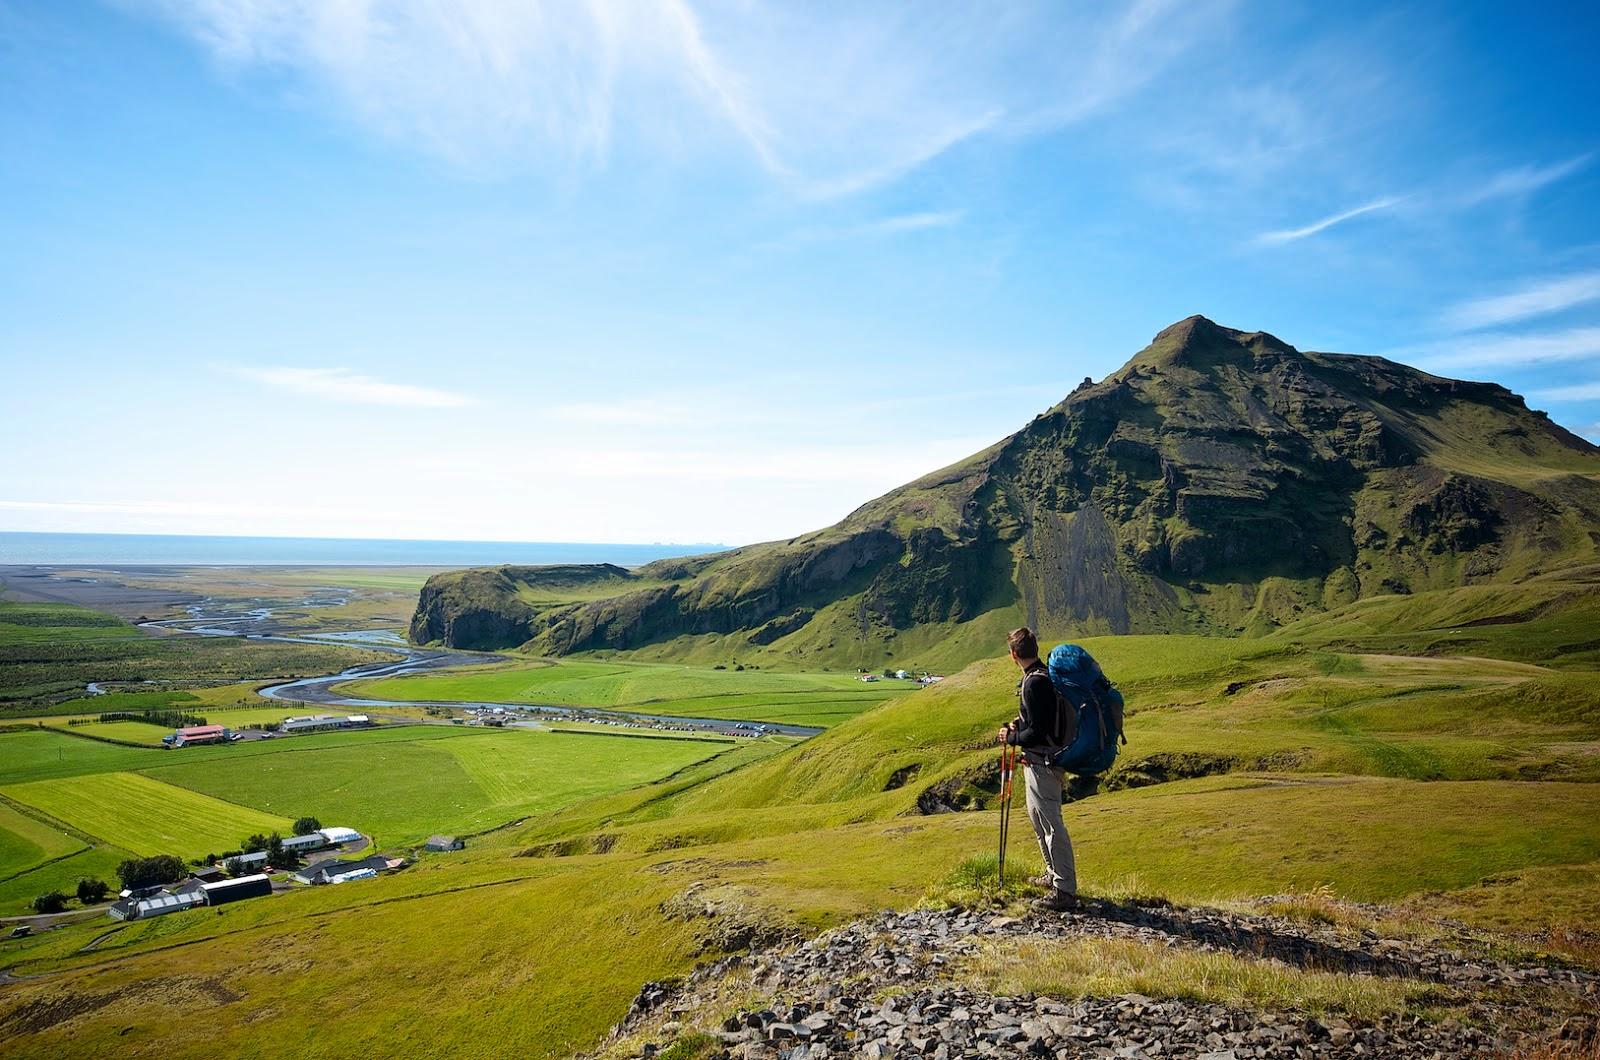 Guide de voyage Þórsmörk (Thorsmork)